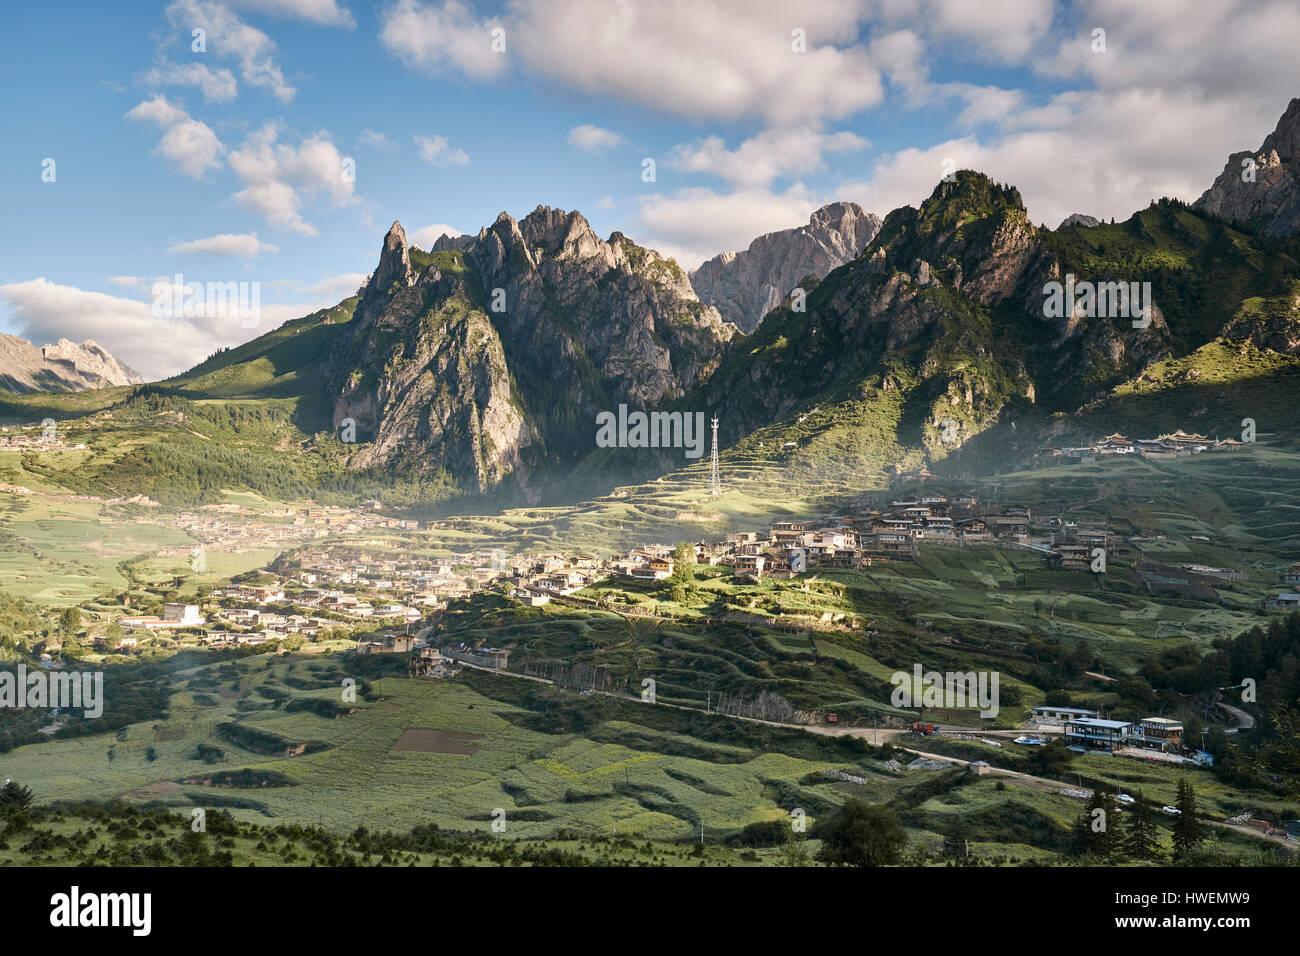 Mountain ranges, Zhagana, Gansu Province, China - Stock Image